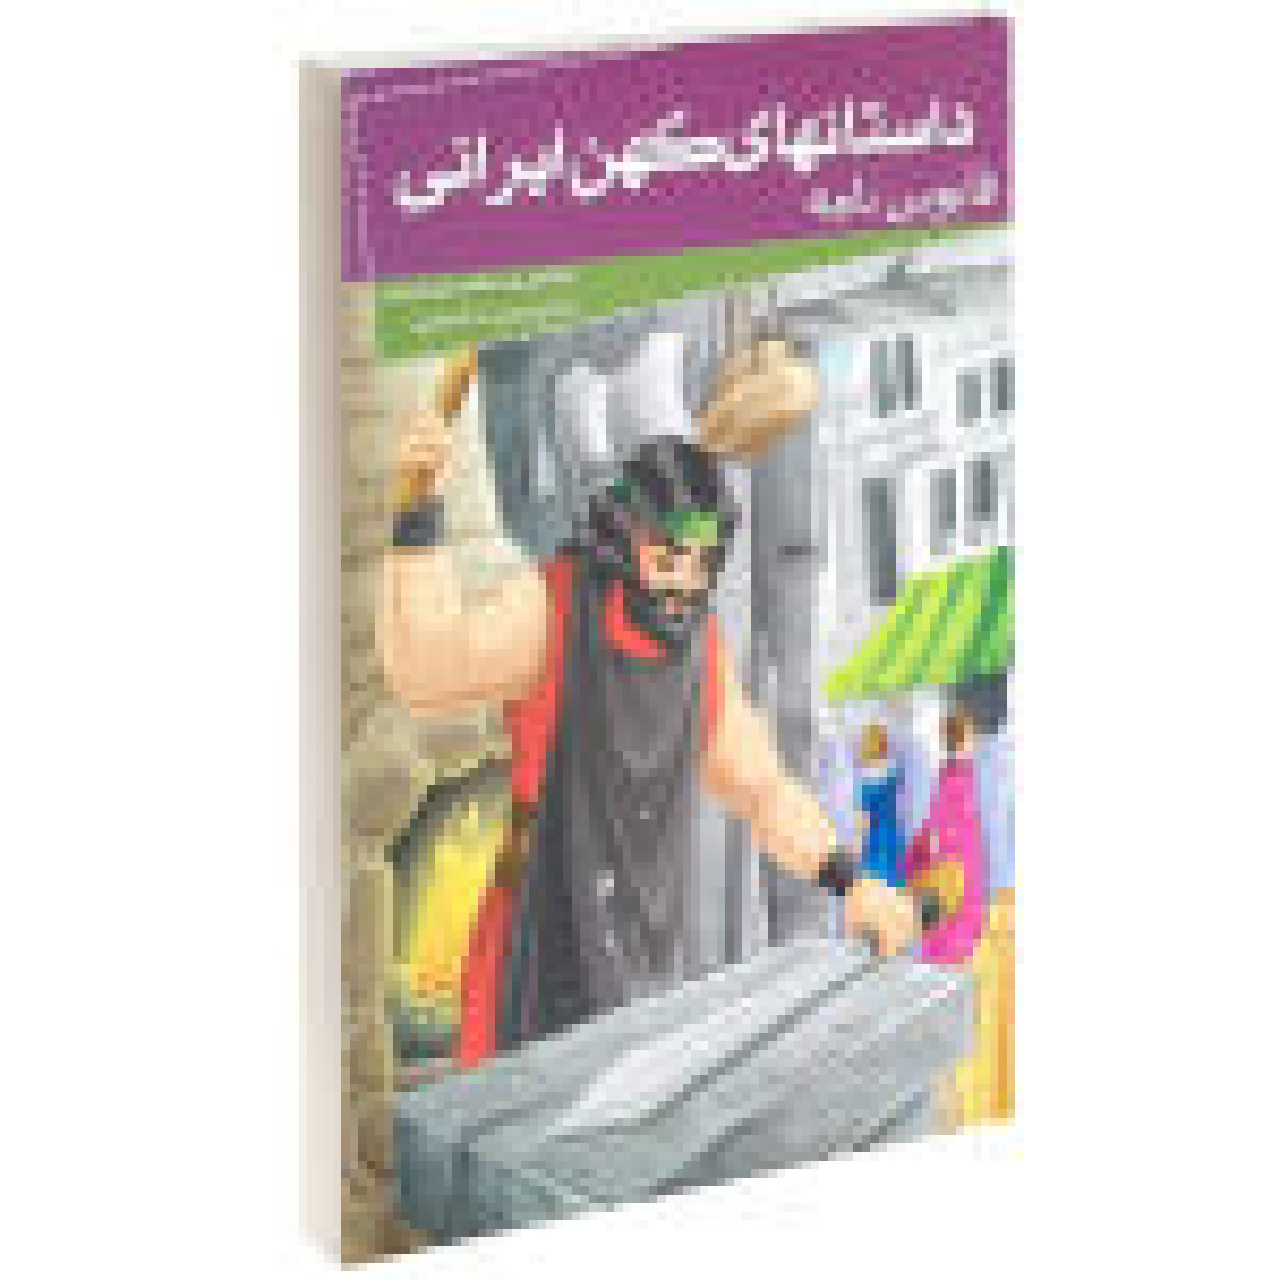 کتاب داستانهای کهن ایرانی قابوس نامه اثر کیکاوس بن اسکندر عنصرالمعالی